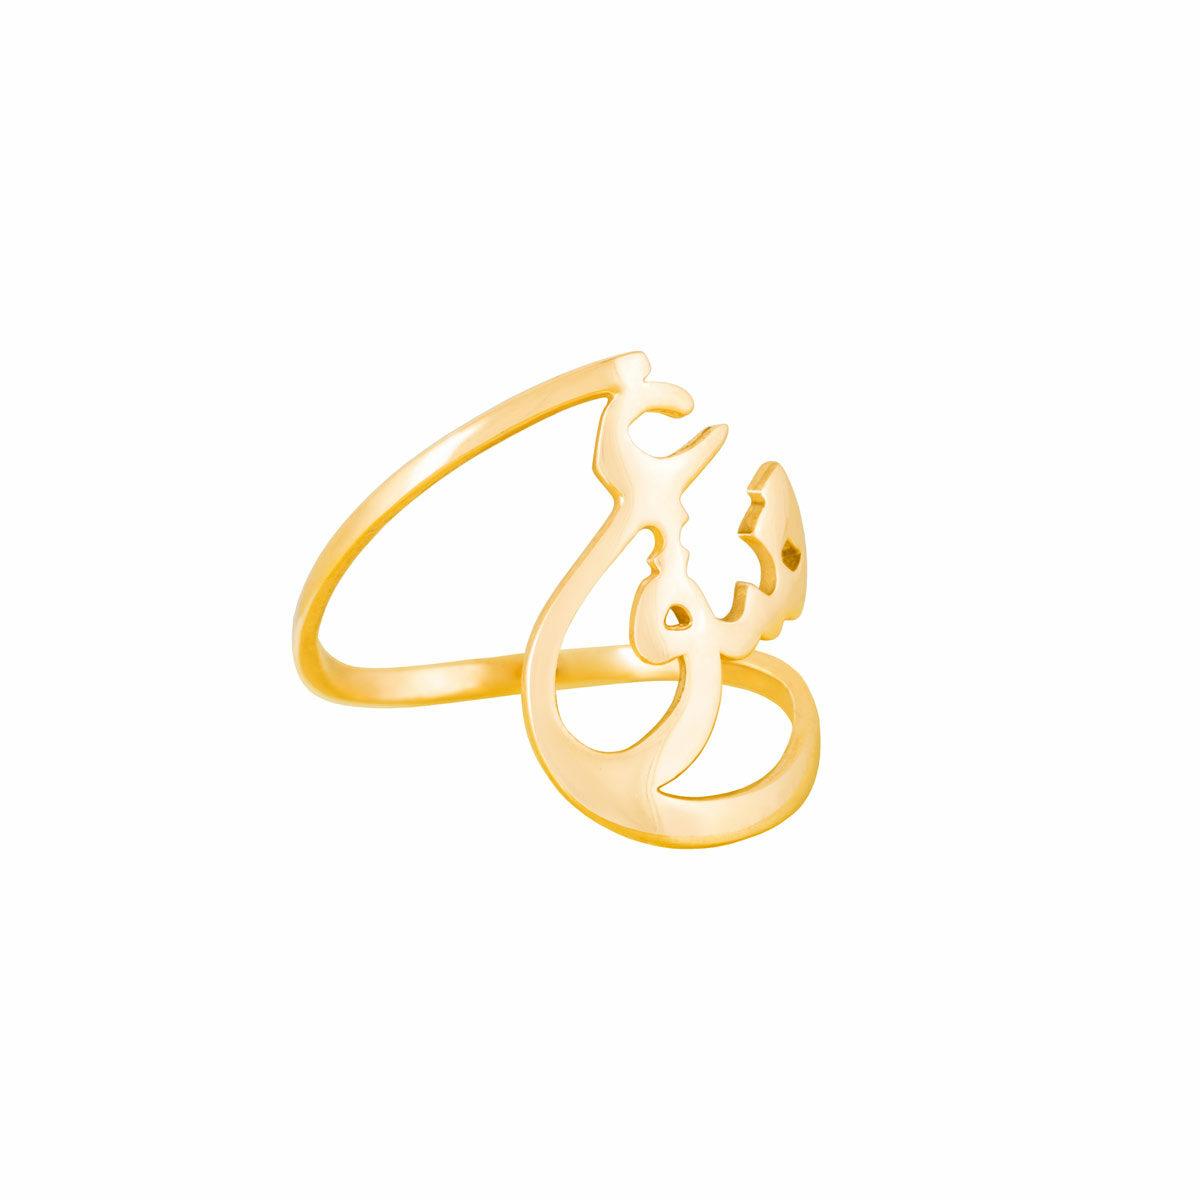 انگشتر طلا عشق |parasteh